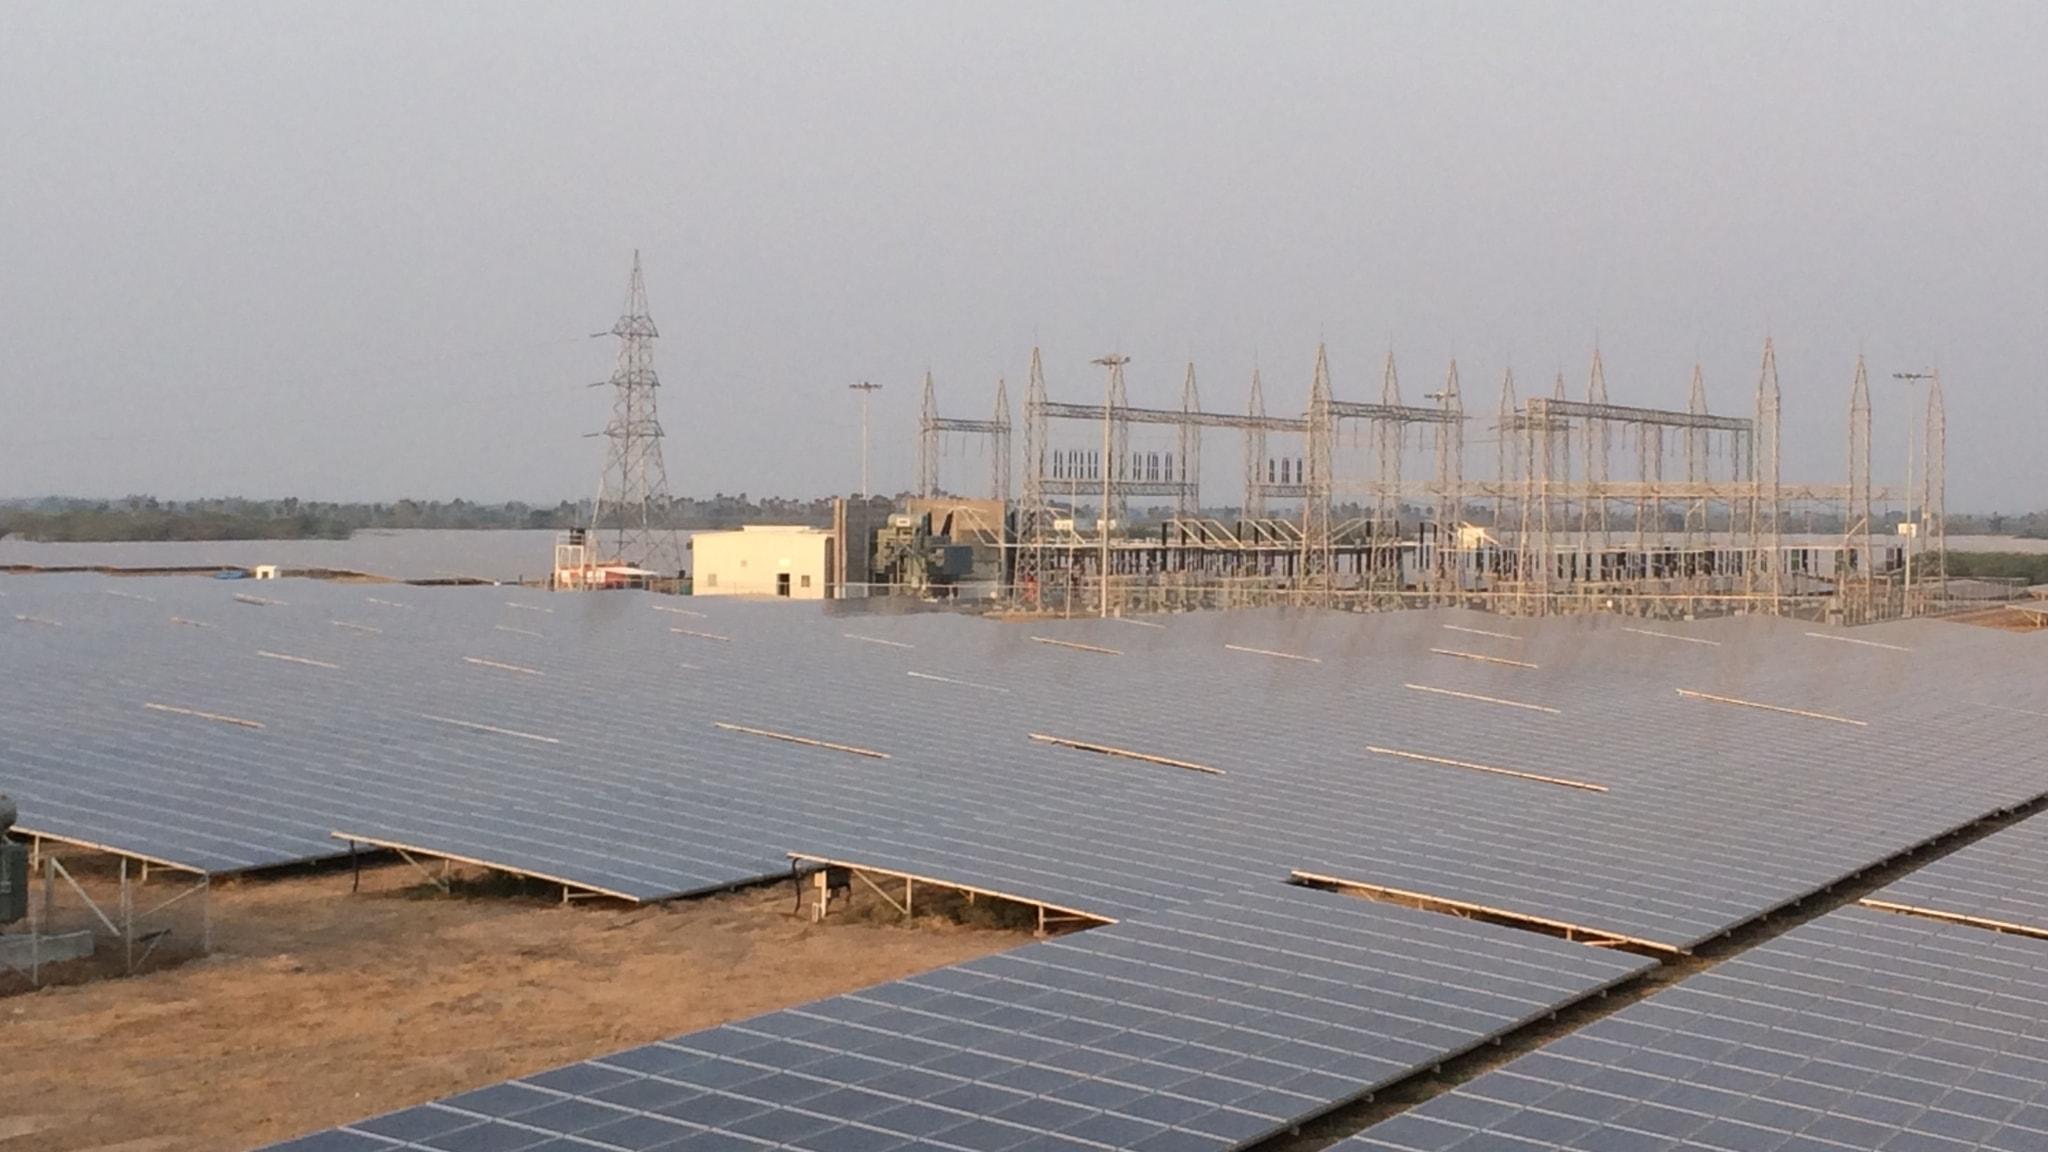 Kamuthi solkraftspark